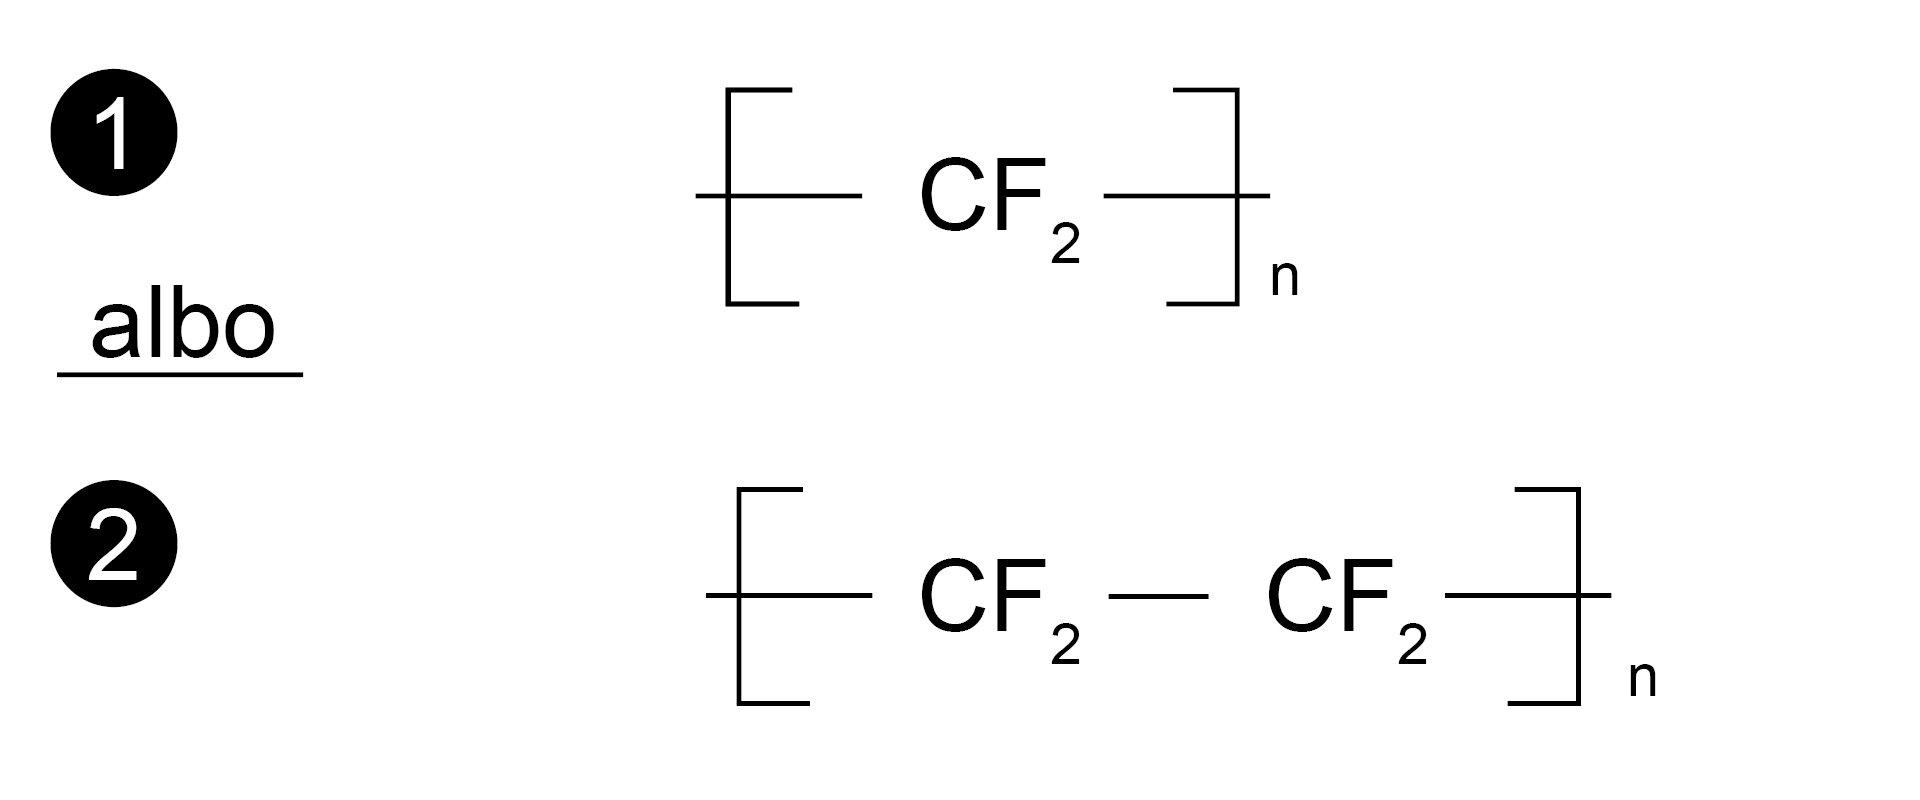 Ilustracja pokazuje wzór sumaryczny politetrafluoroetylenu.